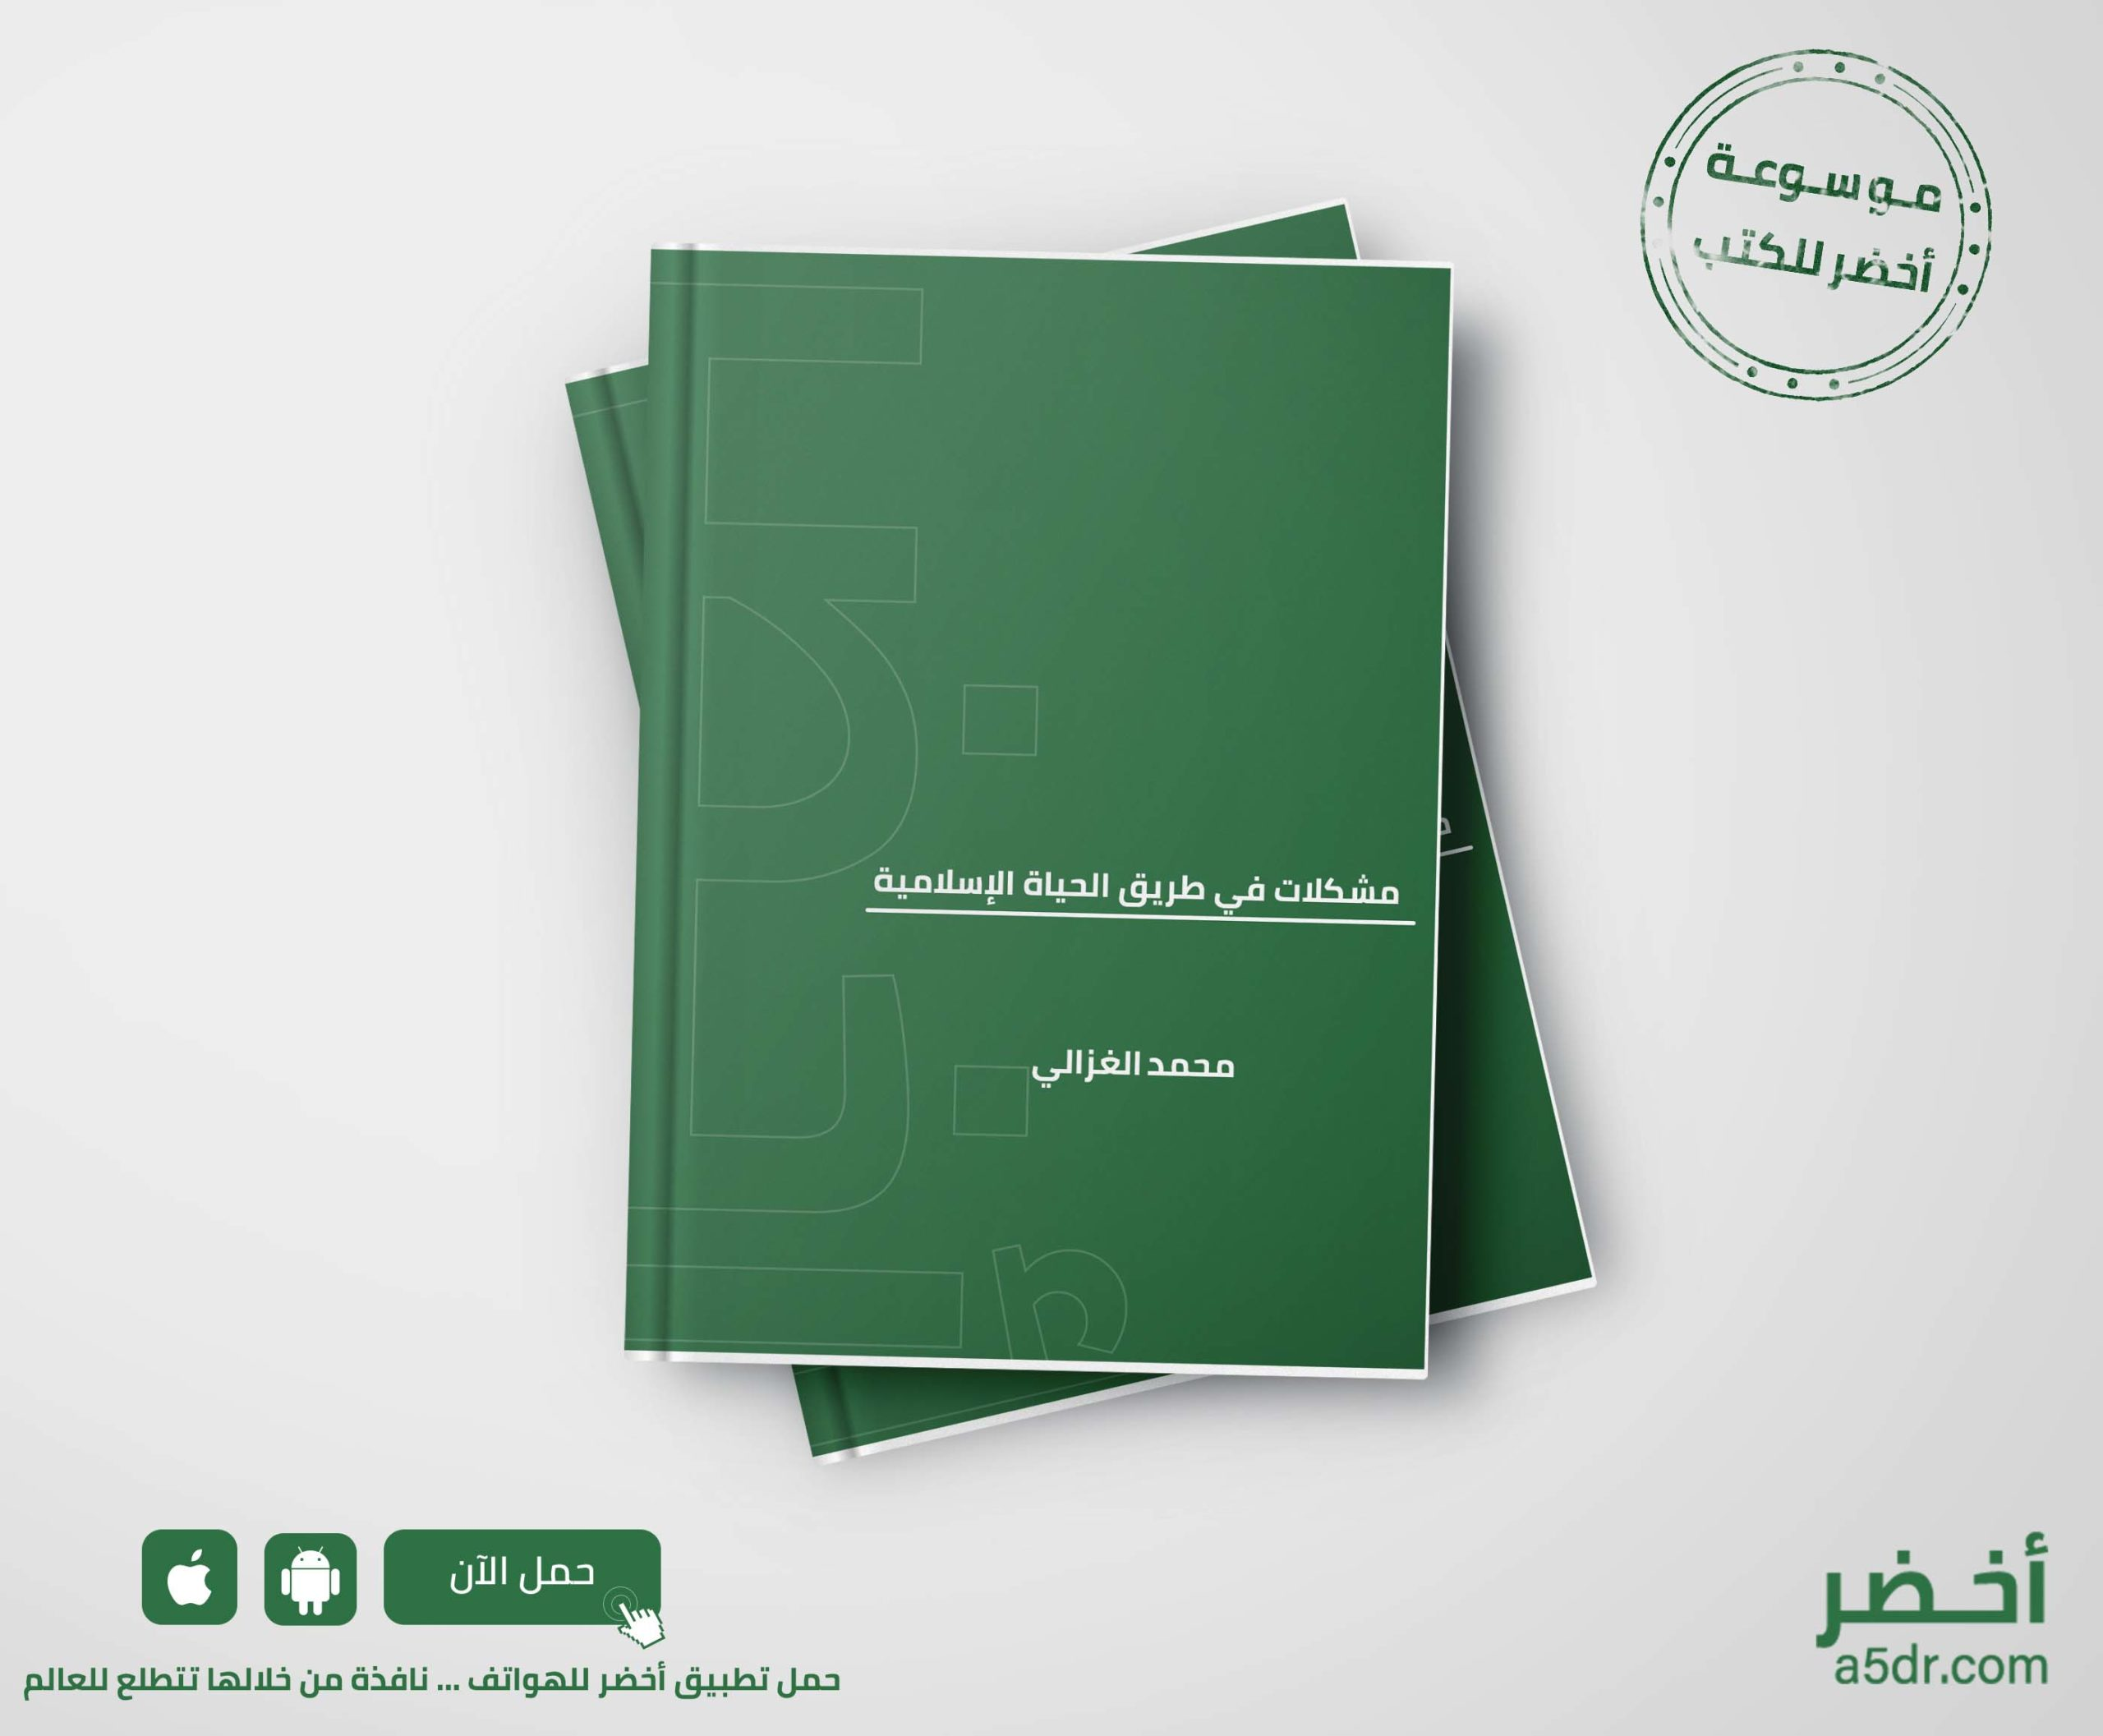 كتاب مشكلات في طريق الحياة الإسلامية - محمد الغزالي